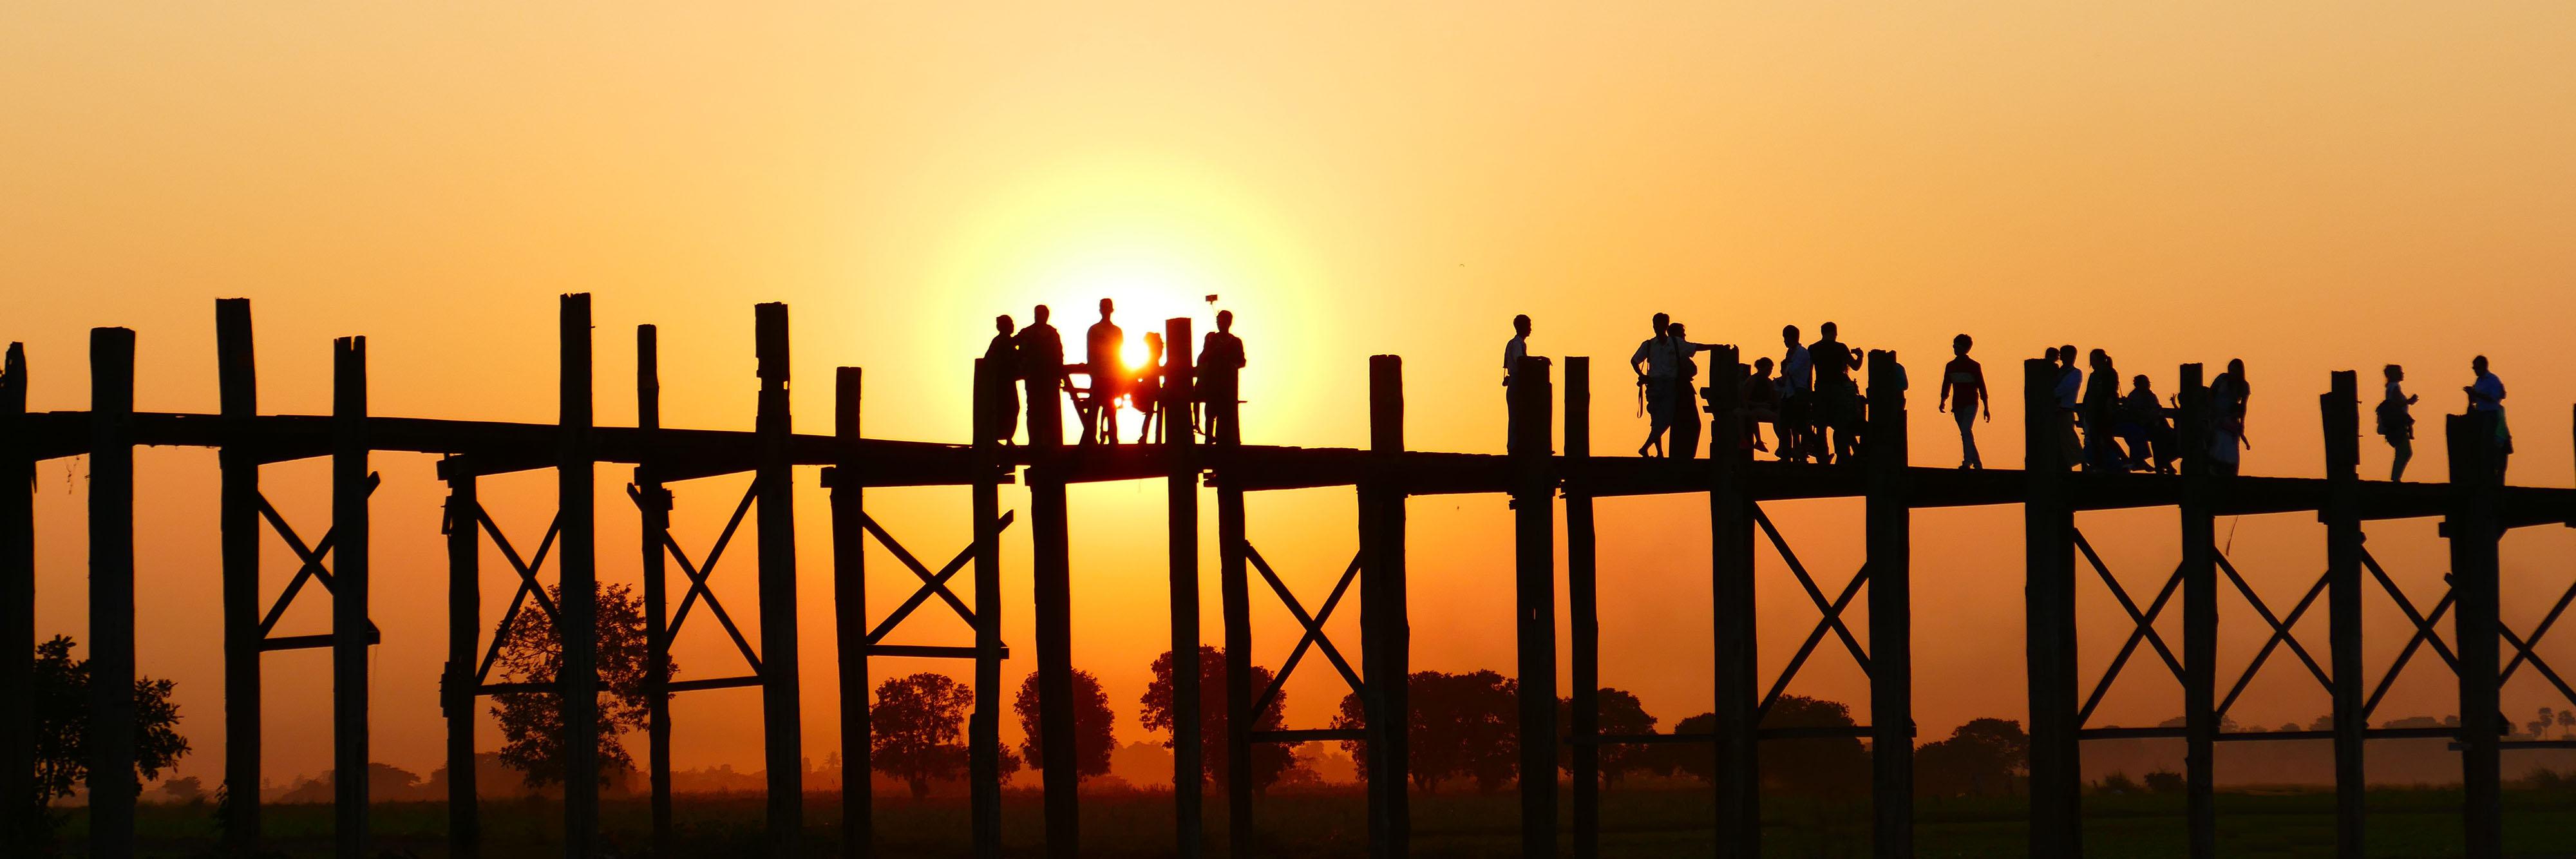 Slider Das Team Brücke mit Menschen